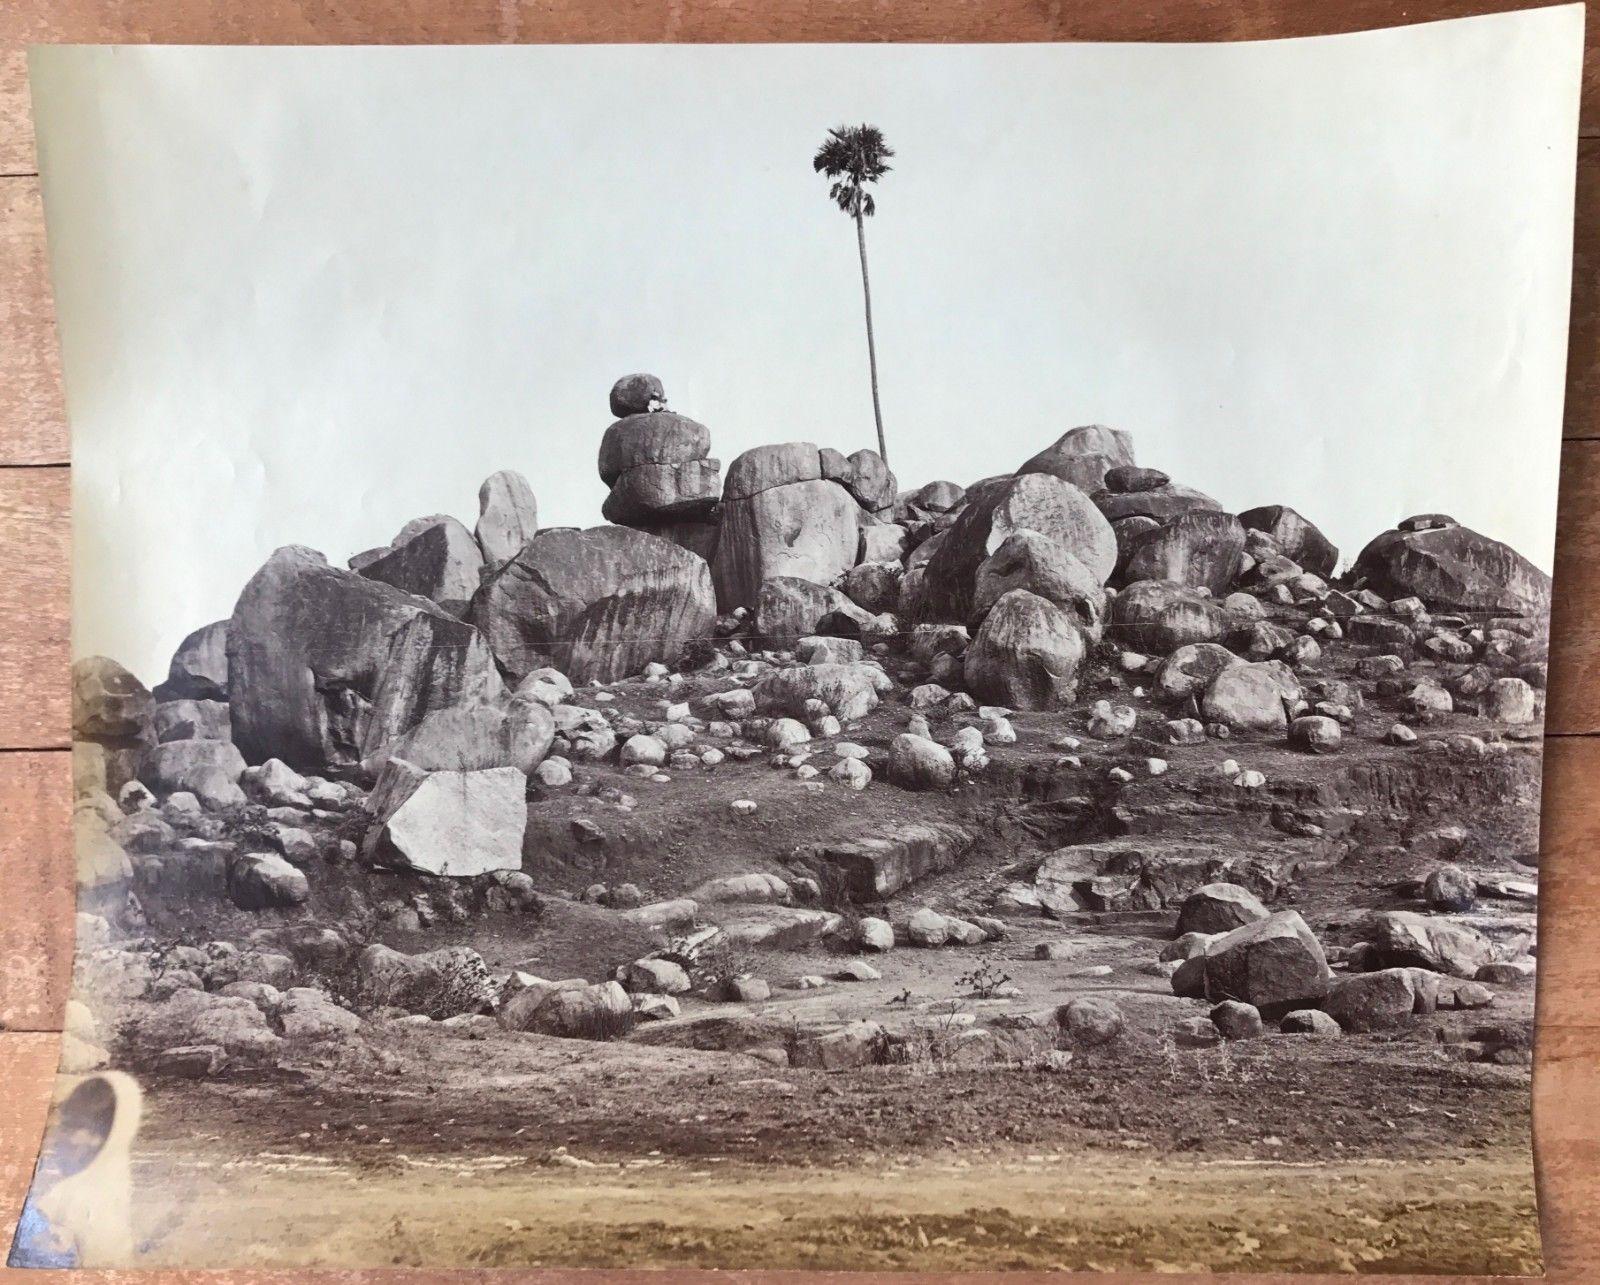 Tree in Rocky Landscape - c. 1860's